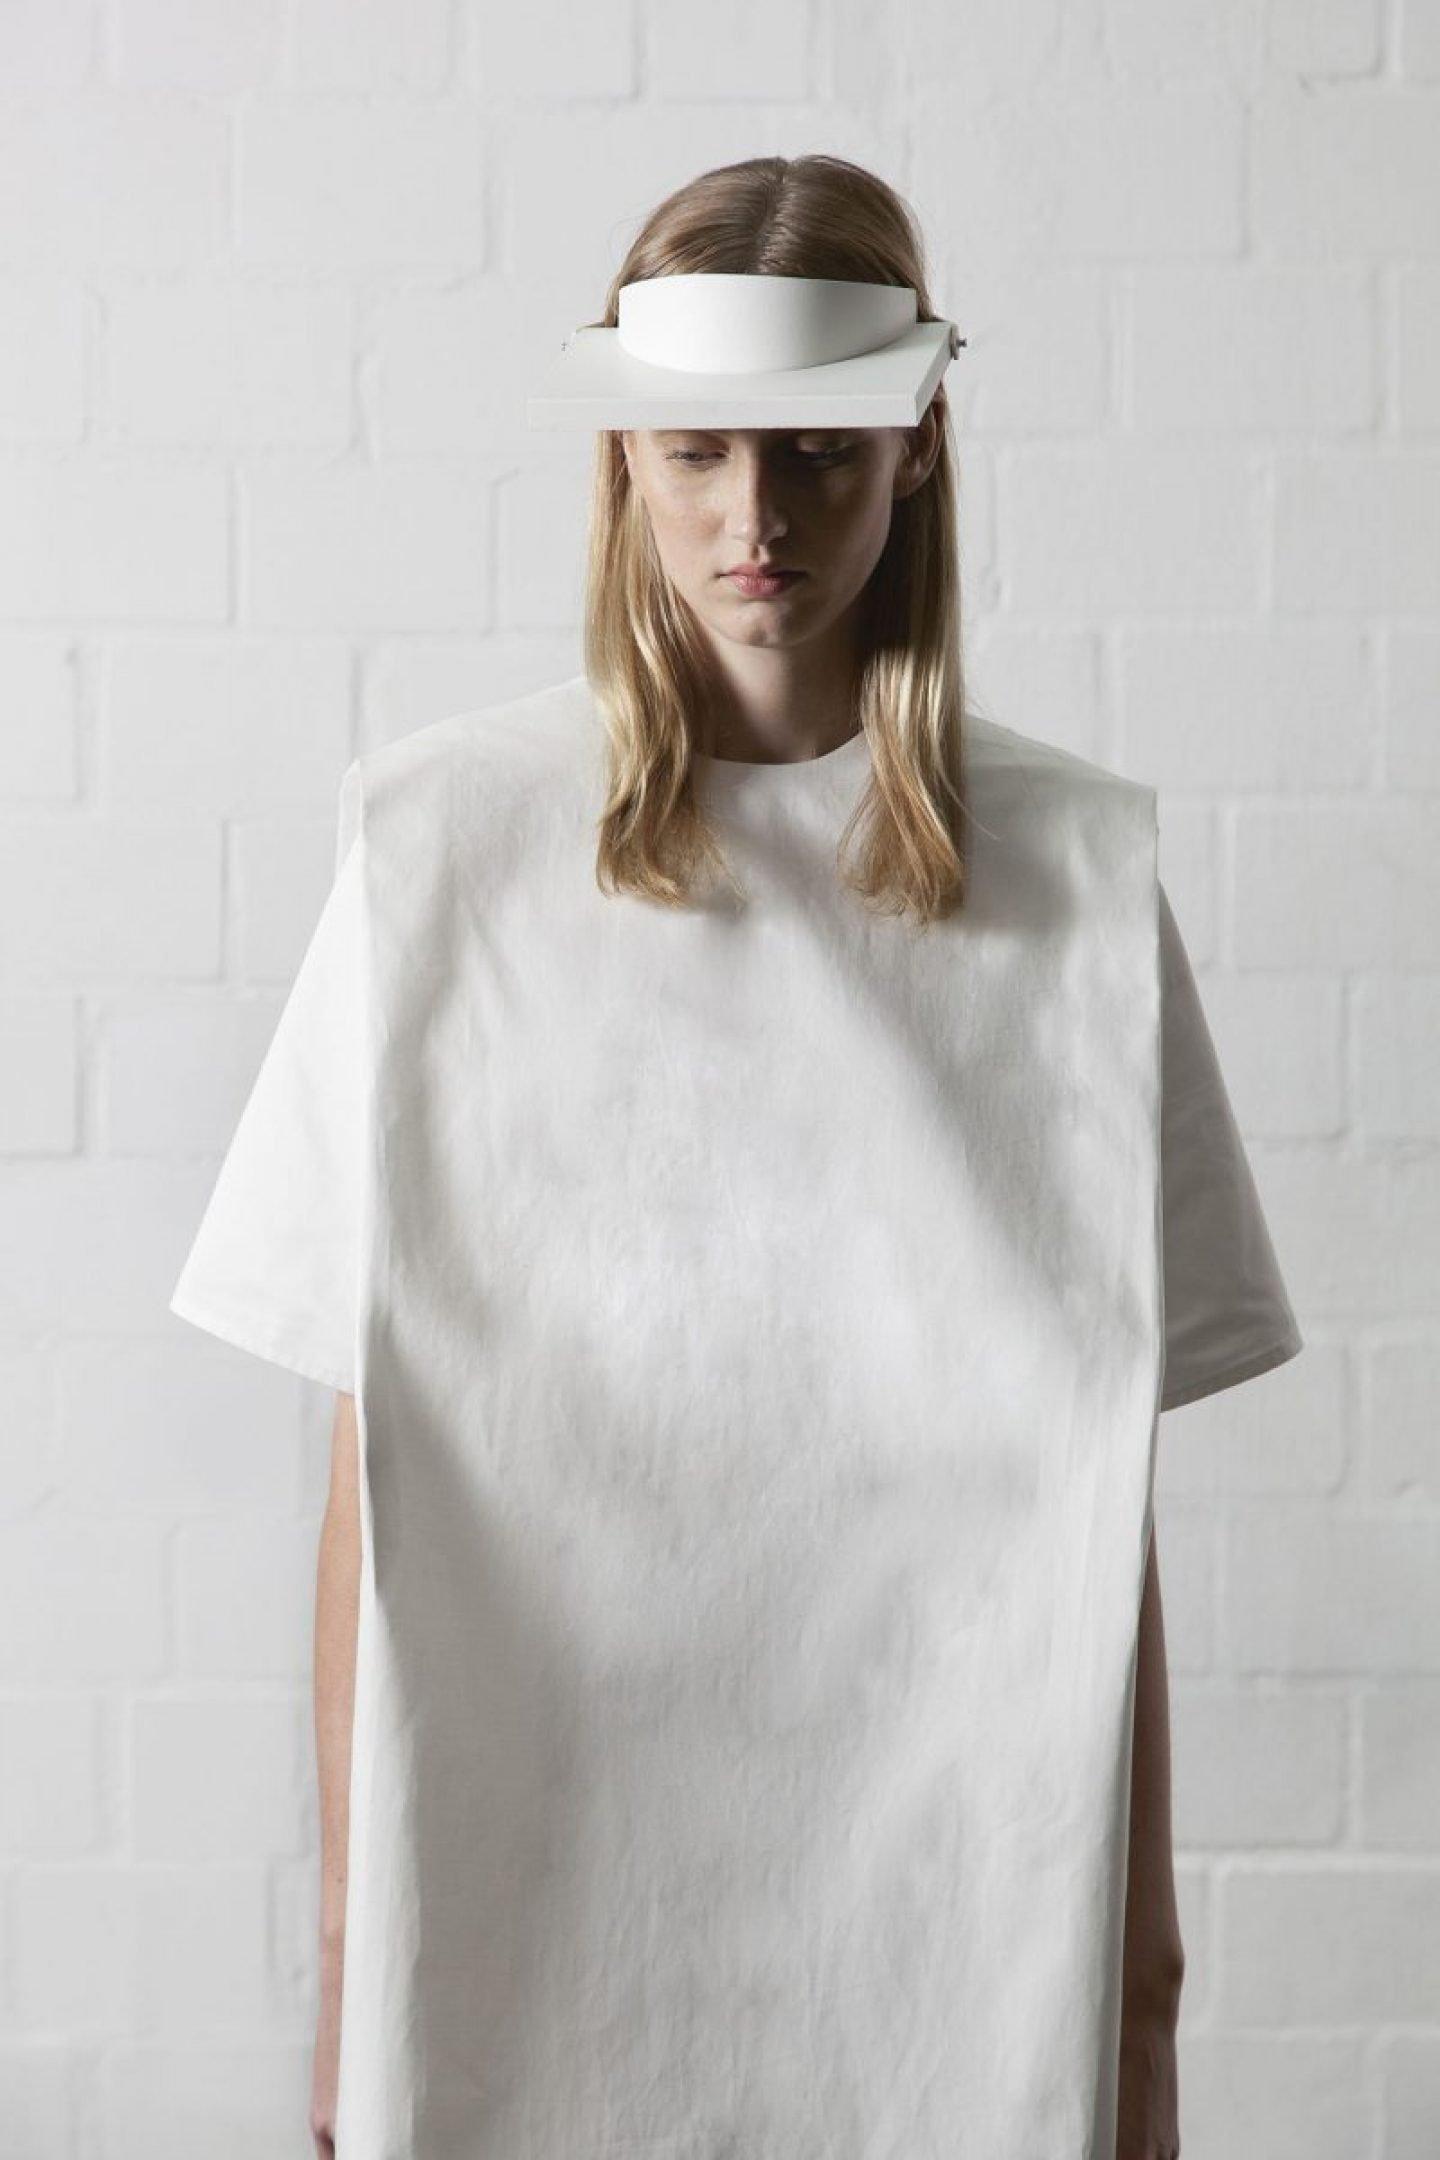 iGNANT_Fashion_Leonie_Barth_Ich_Ist_Ein_Anderer_12